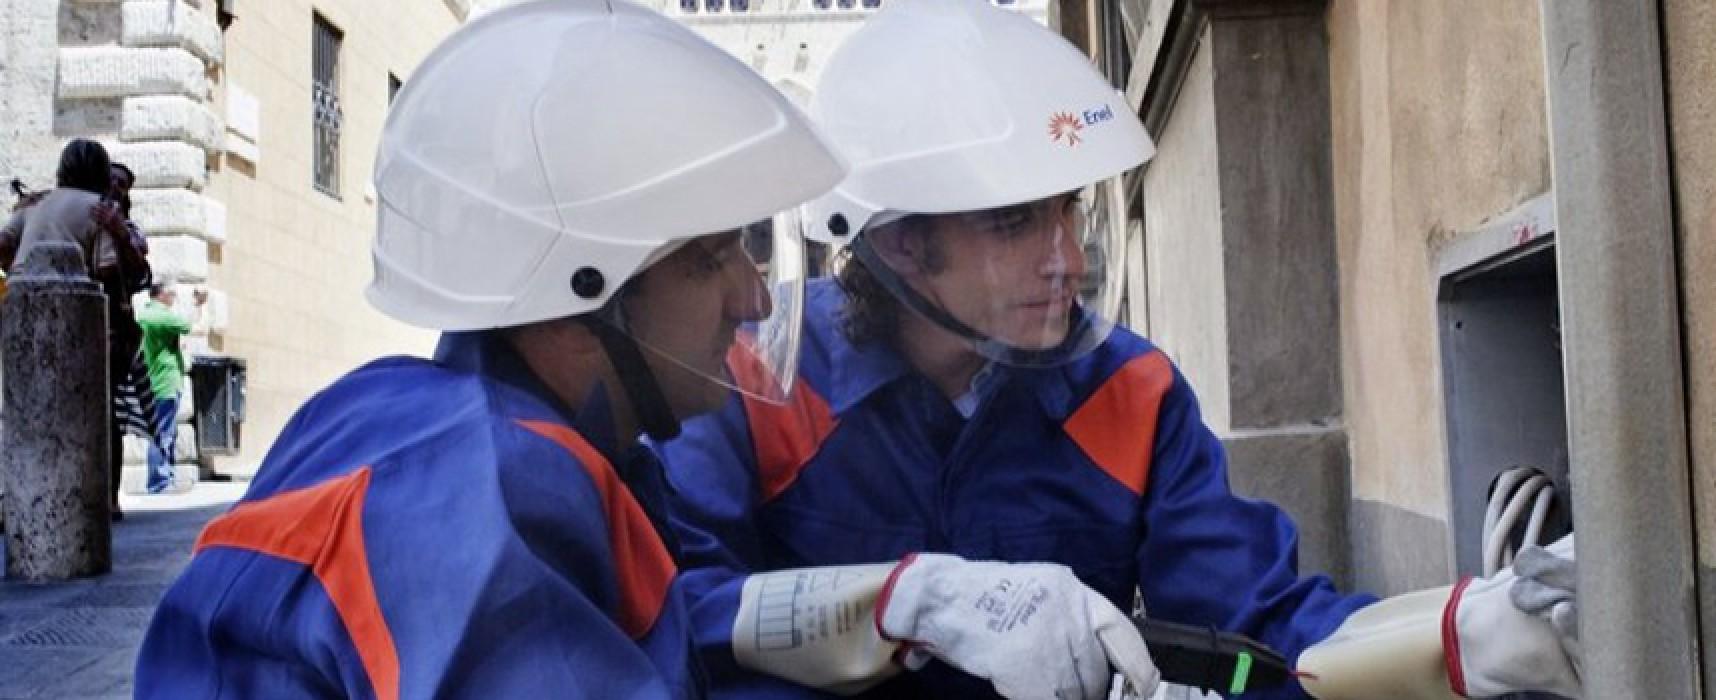 E-Distribuzione, programmata interruzione servizio energia elettrica per lavori